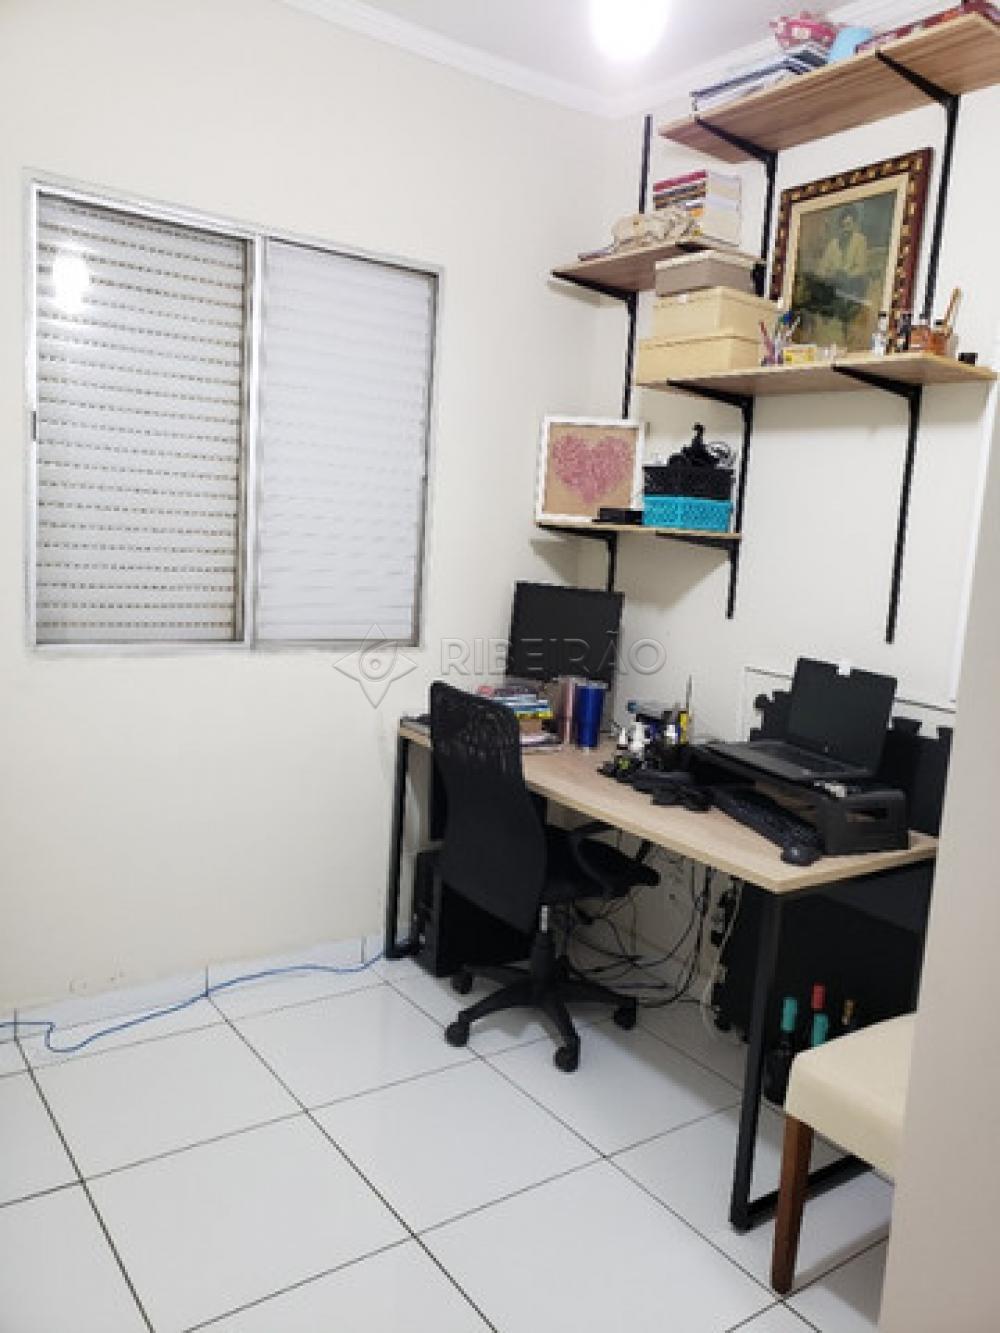 Comprar Apartamento / Padrão em Ribeirão Preto apenas R$ 141.000,00 - Foto 9